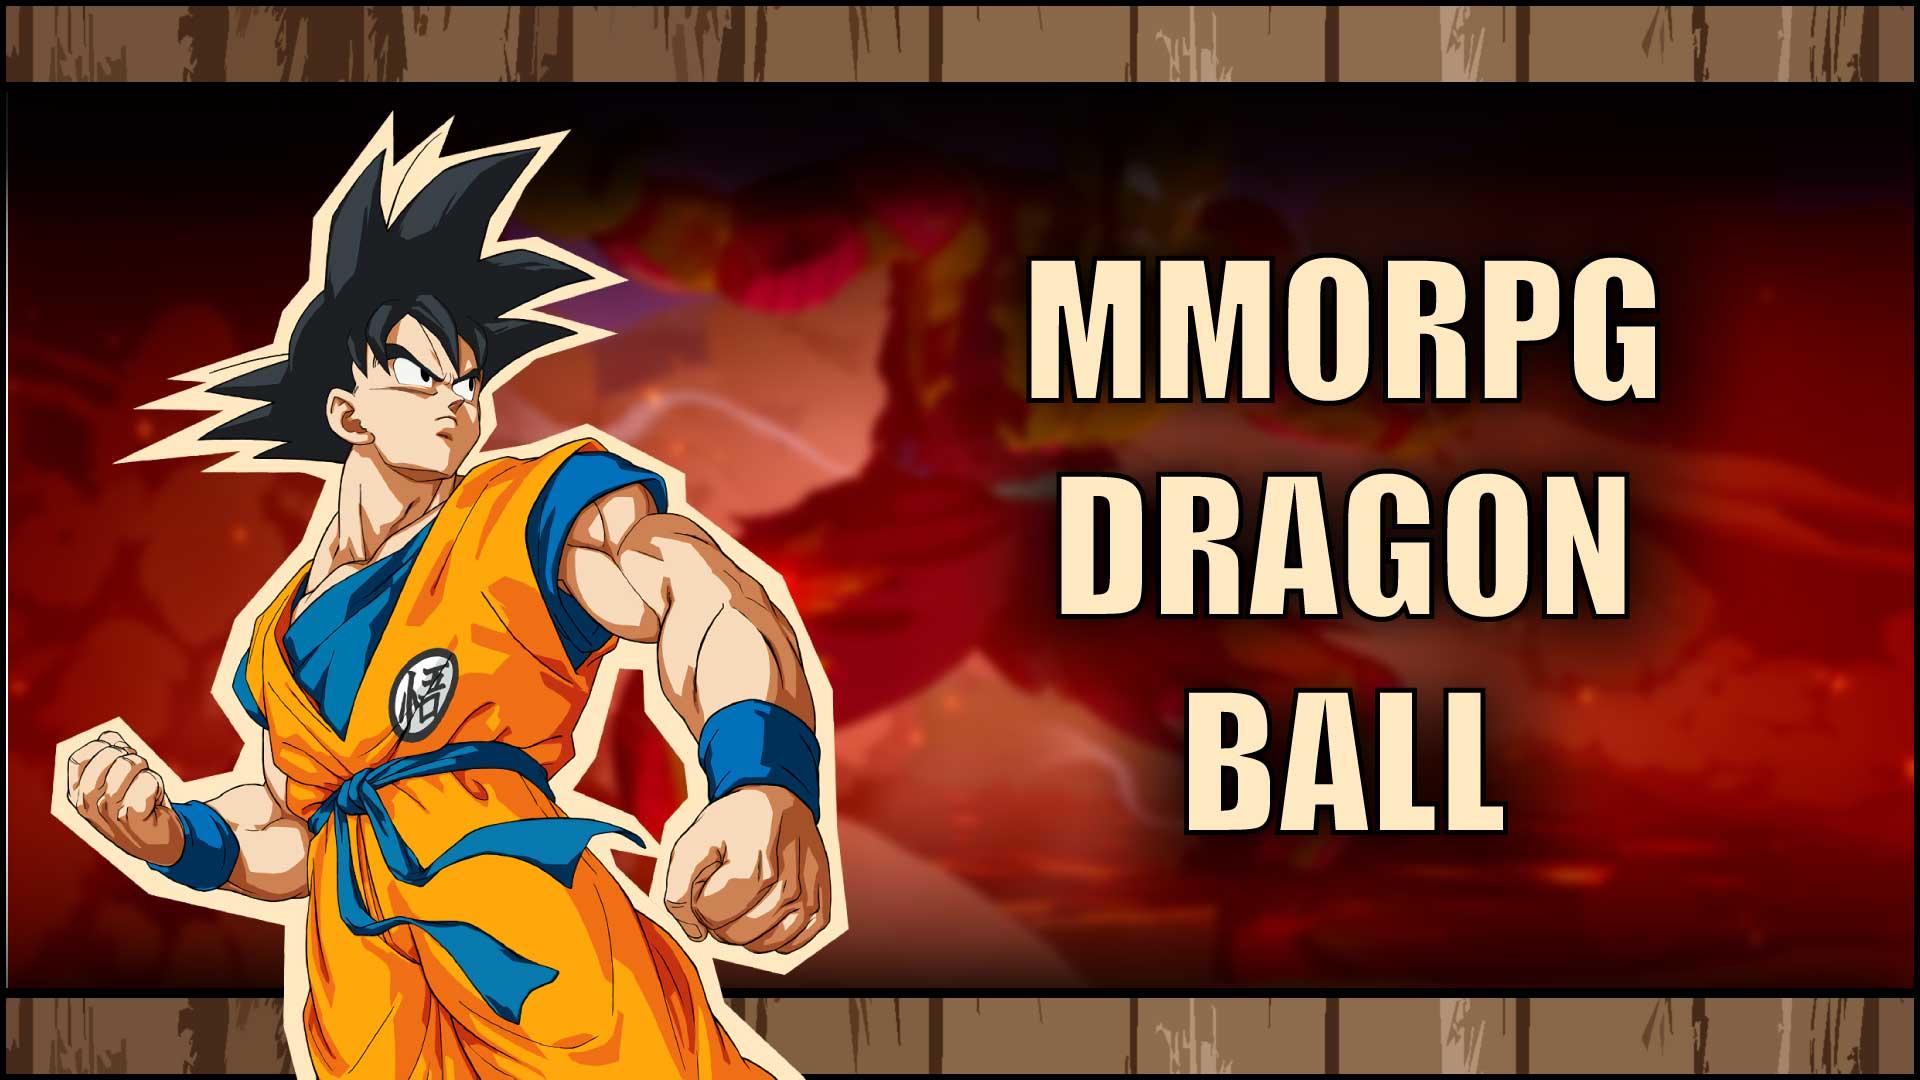 MMORPG Dragon Ball